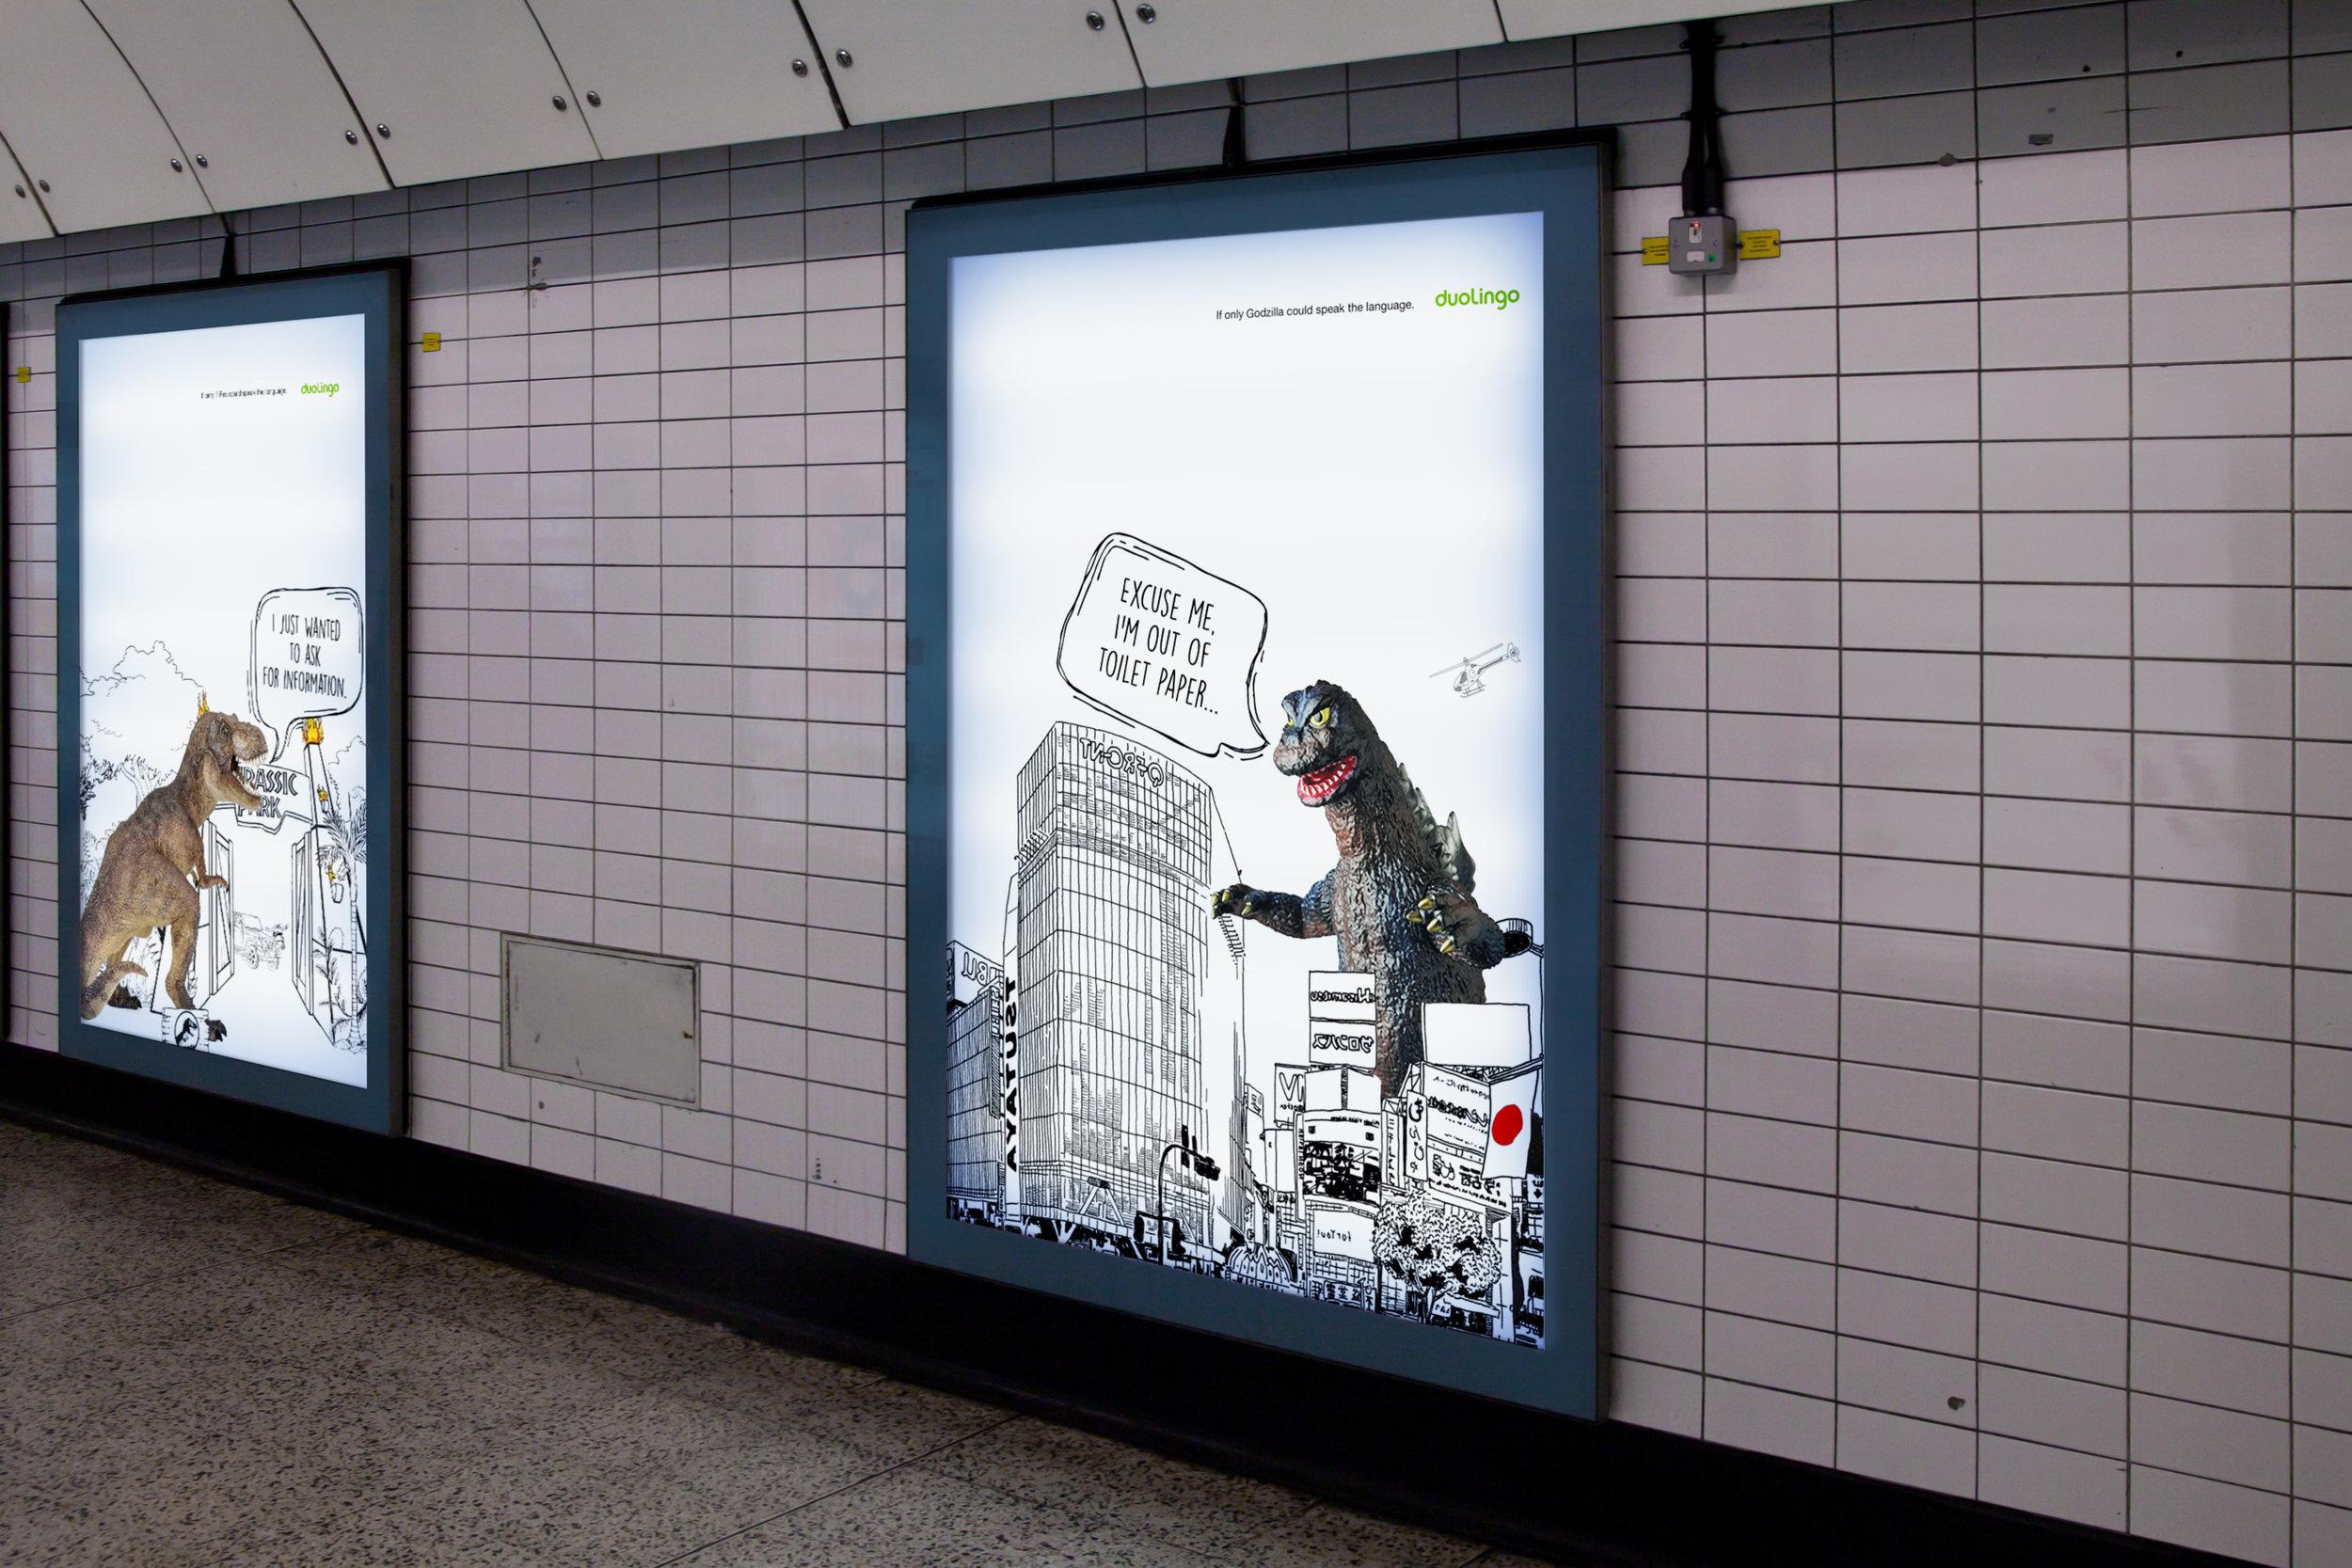 London_Underground_duolingo.jpg